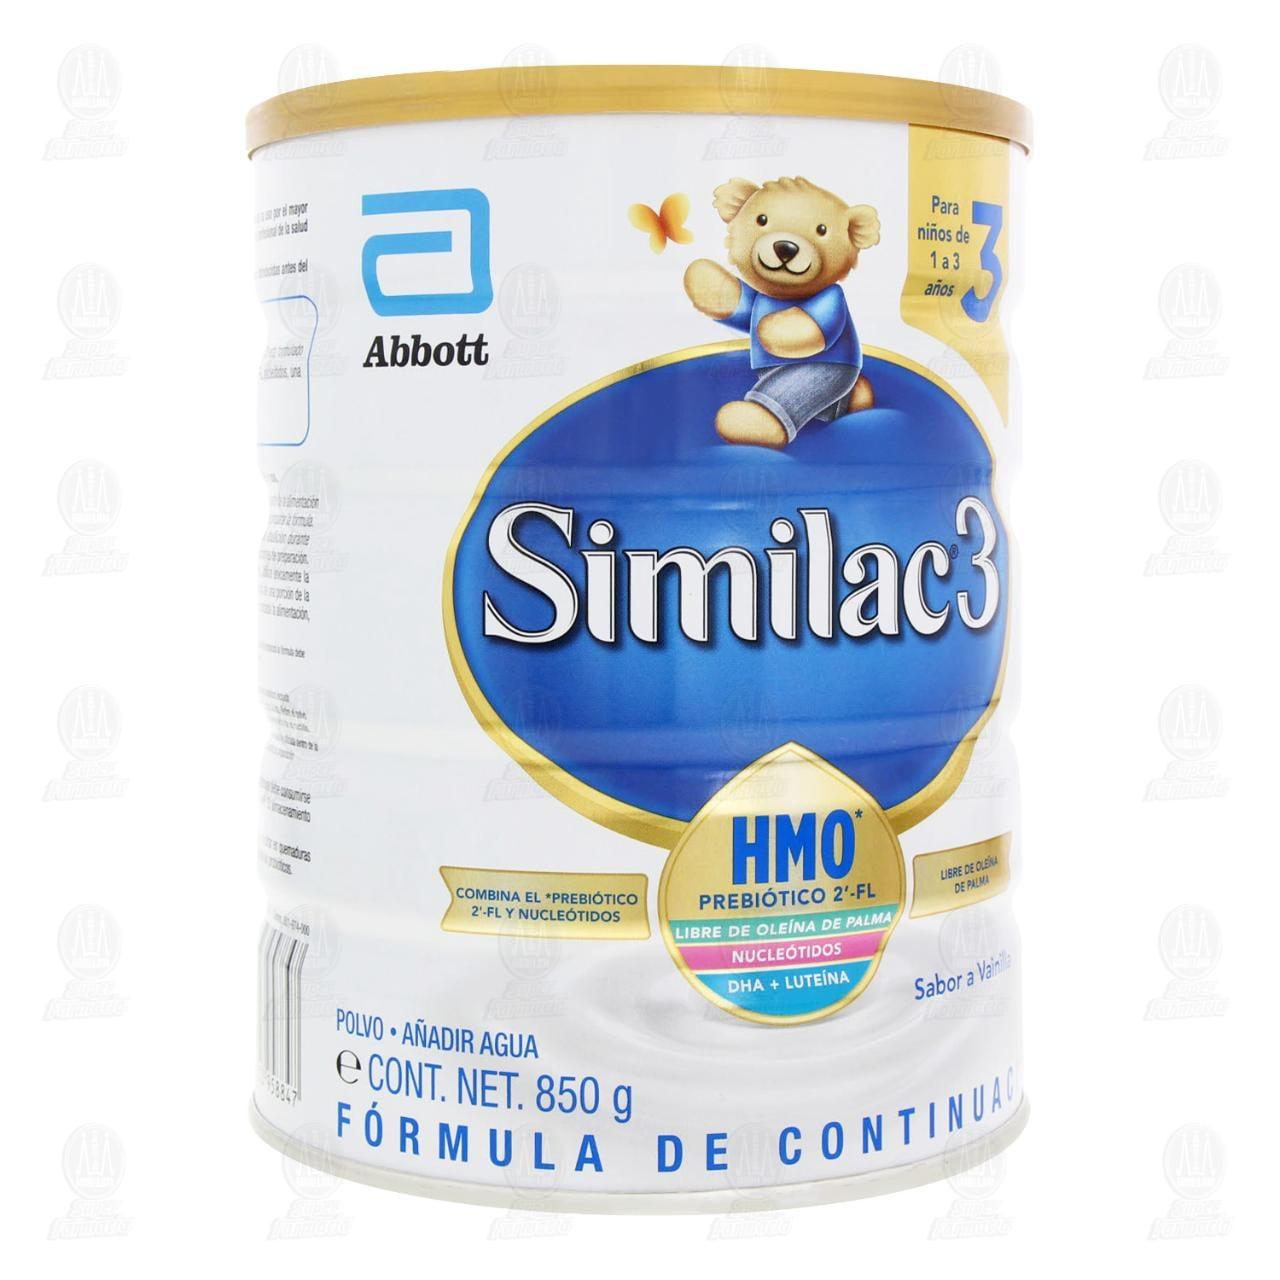 comprar https://www.movil.farmaciasguadalajara.com/wcsstore/FGCAS/wcs/products/1216740_A_1280_AL.jpg en farmacias guadalajara